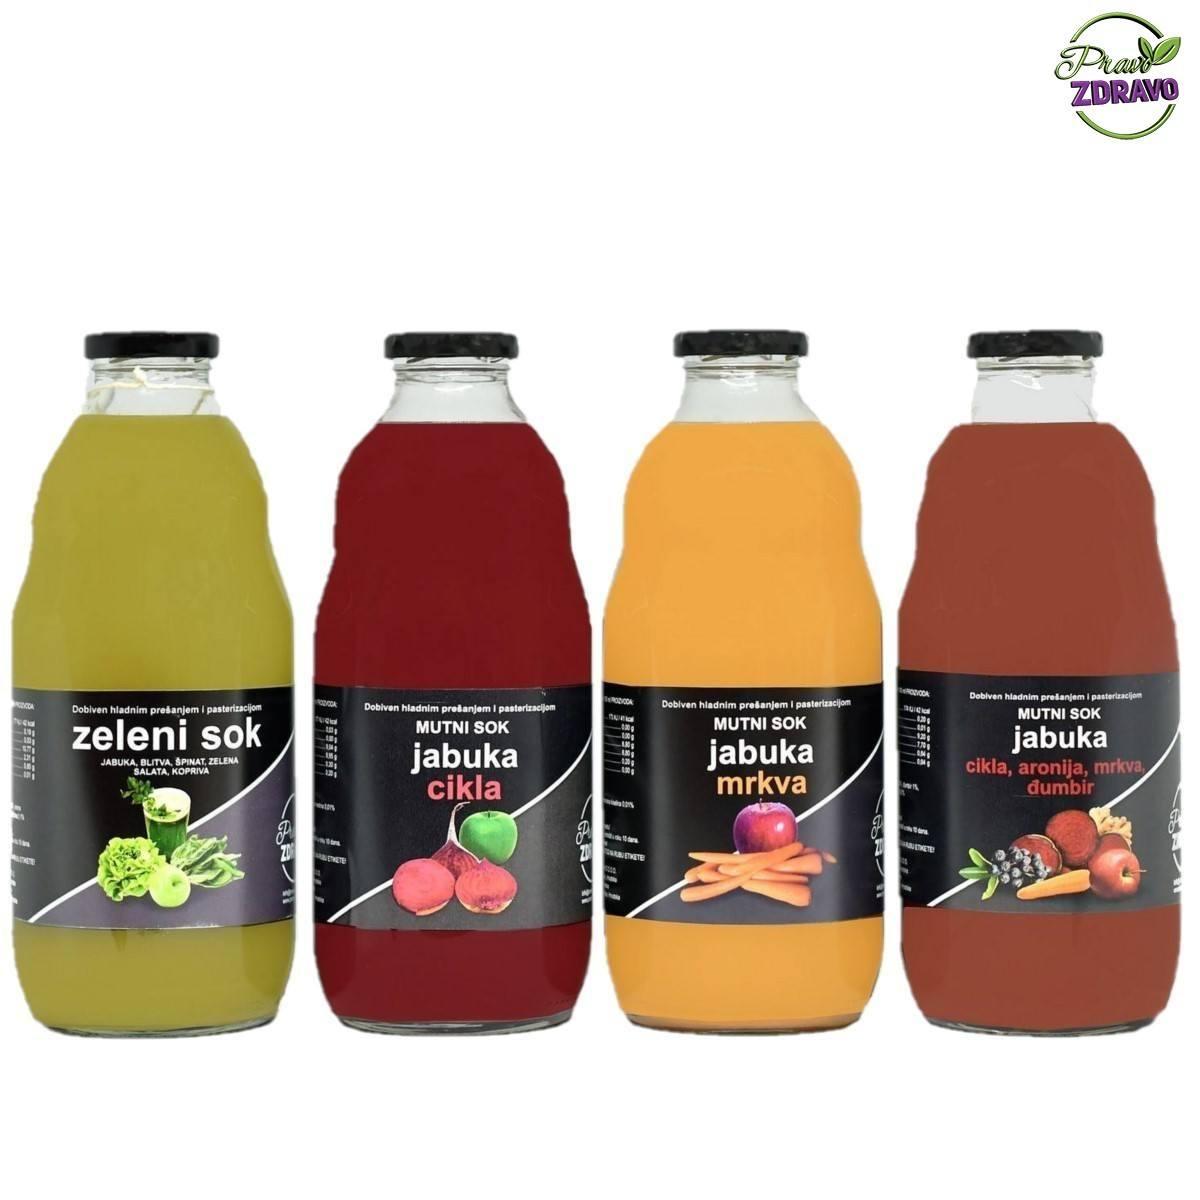 Četri soka u staklenim bocama od 1 litar. Zeleni, crveni, narančasti i mutno crveni sok.